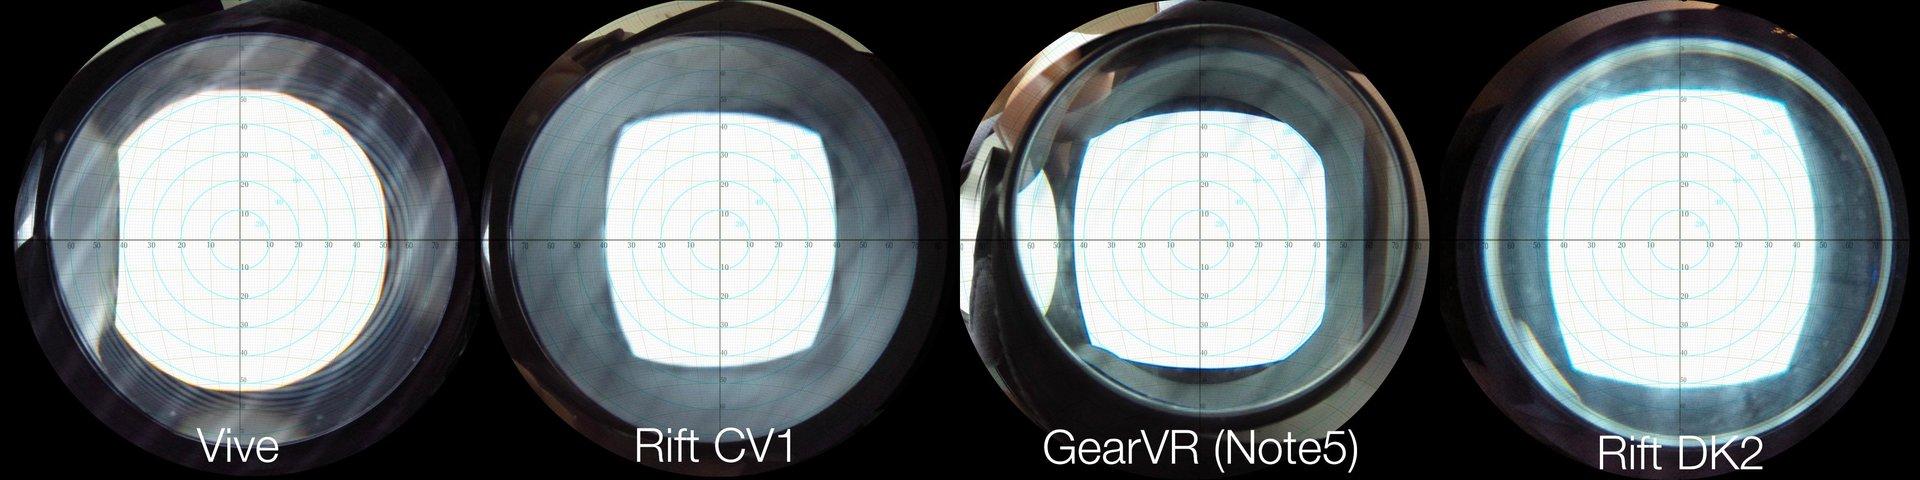 FOV-Vergleich: HTC Vive, Oculus Rift, Samsung GearVR und Oculus Rift DK2